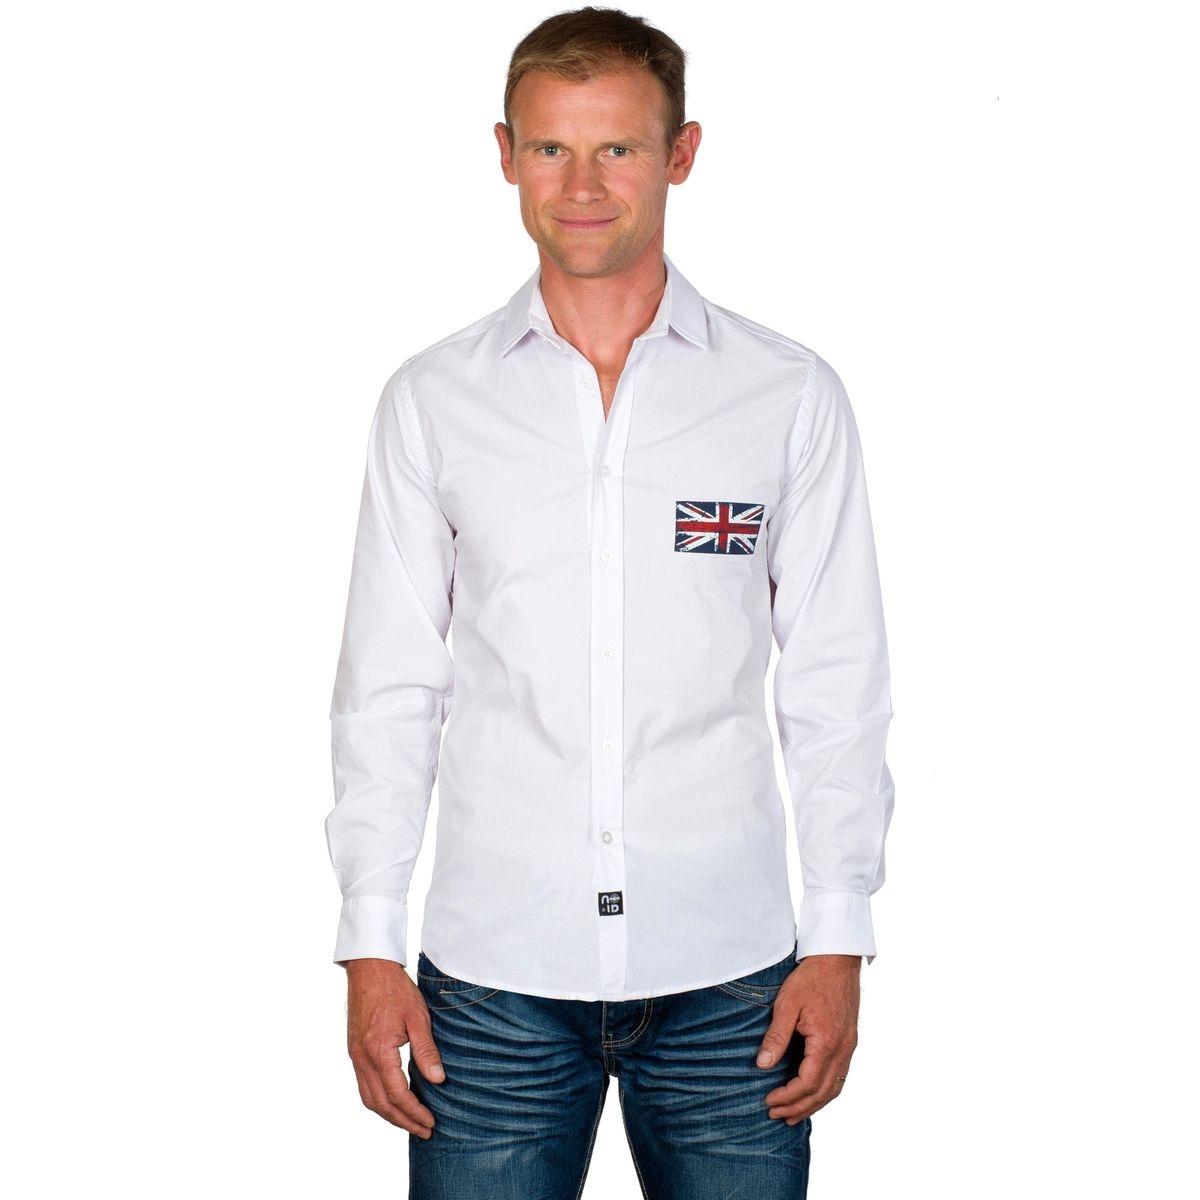 Chemise homme coton stretch Union Jack